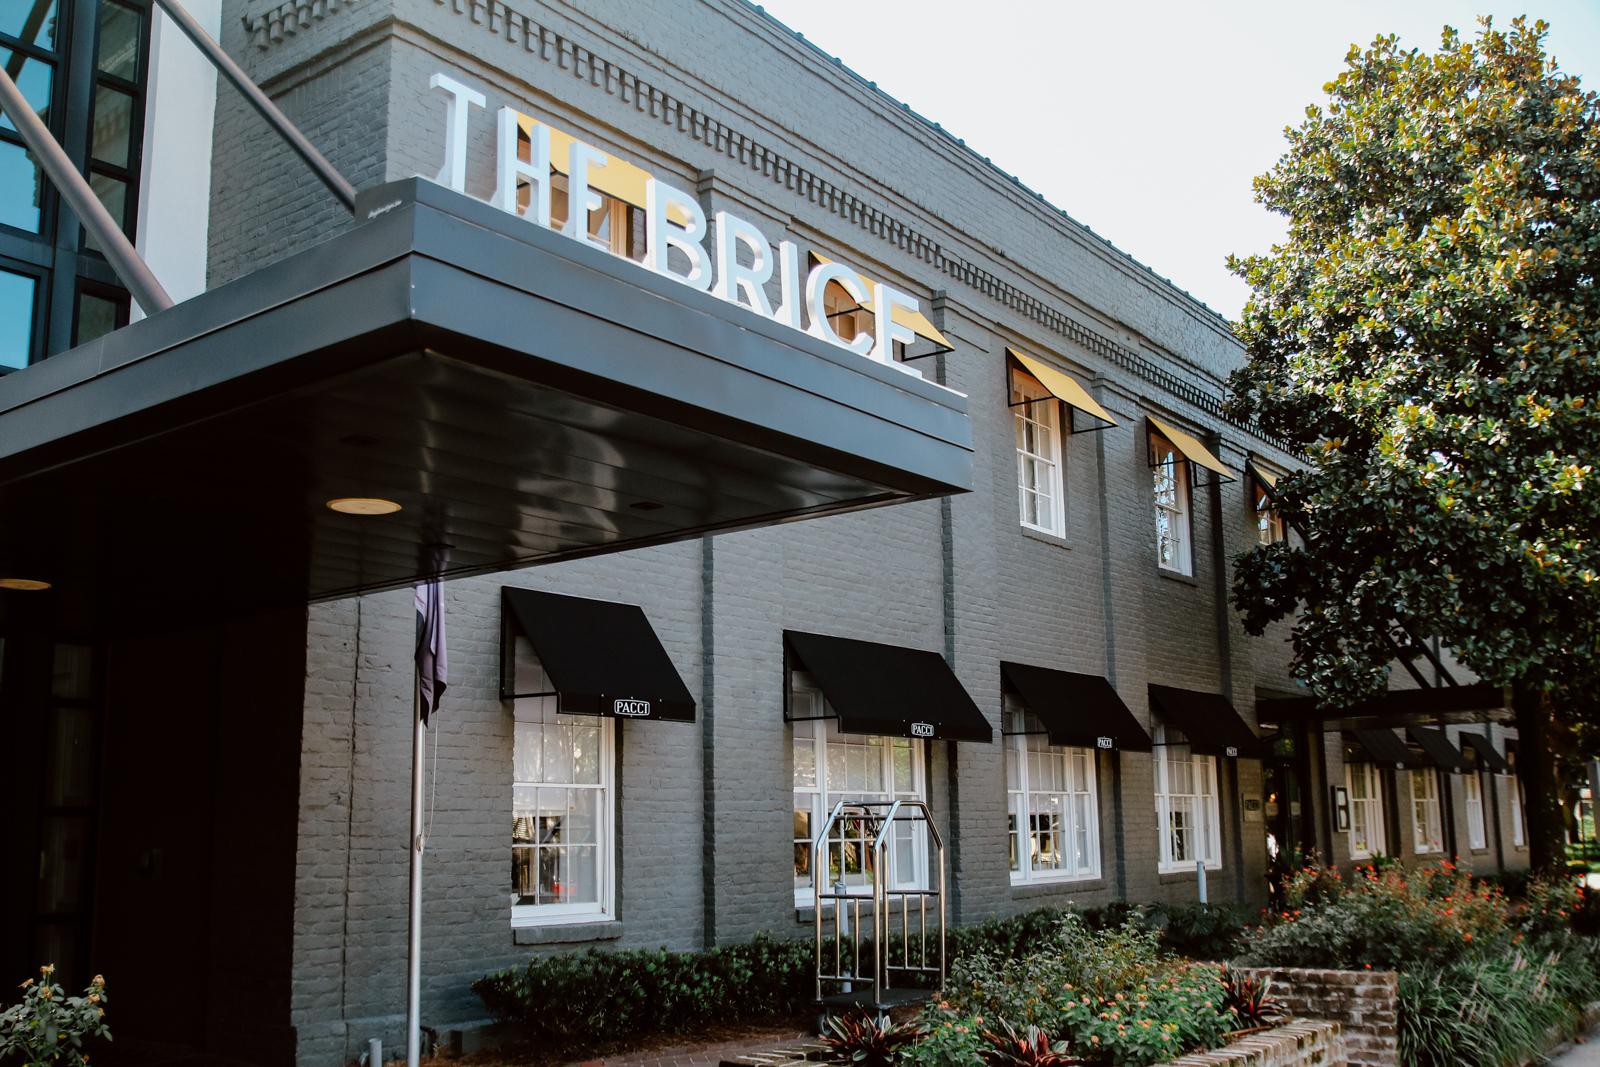 savannah hotels